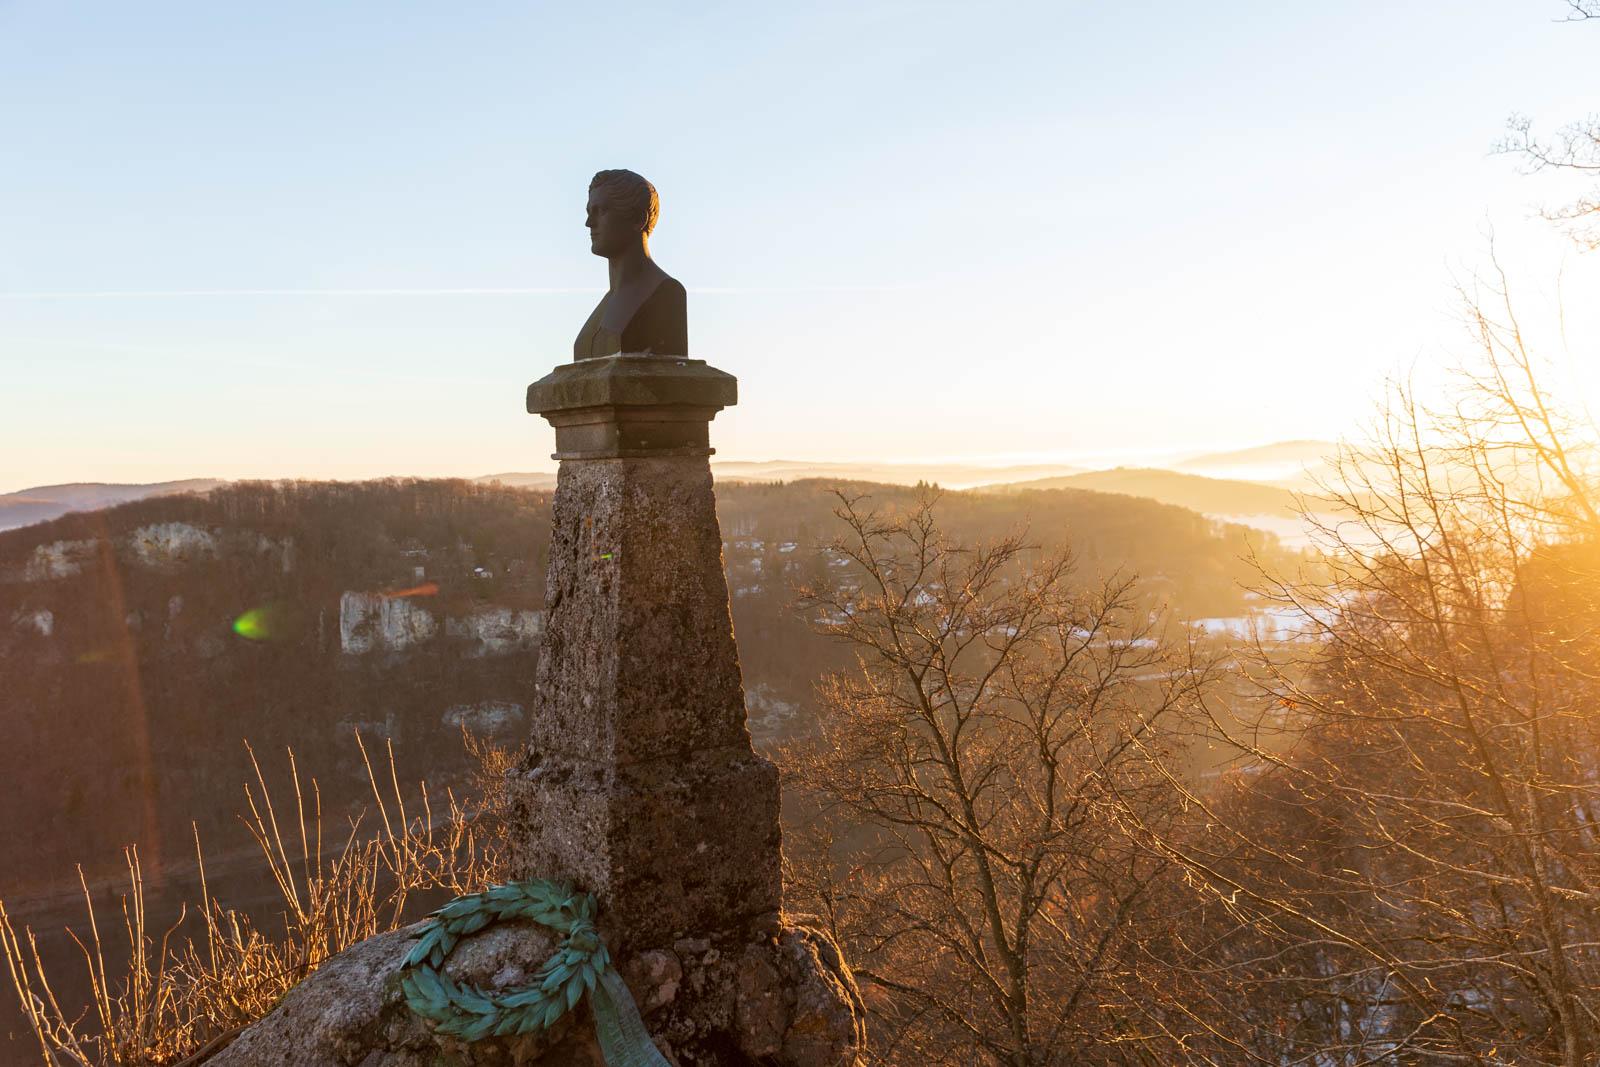 Hauff-Denkmal im Sonnenaufgang, Schloss Lichtenstein, Albtrauf